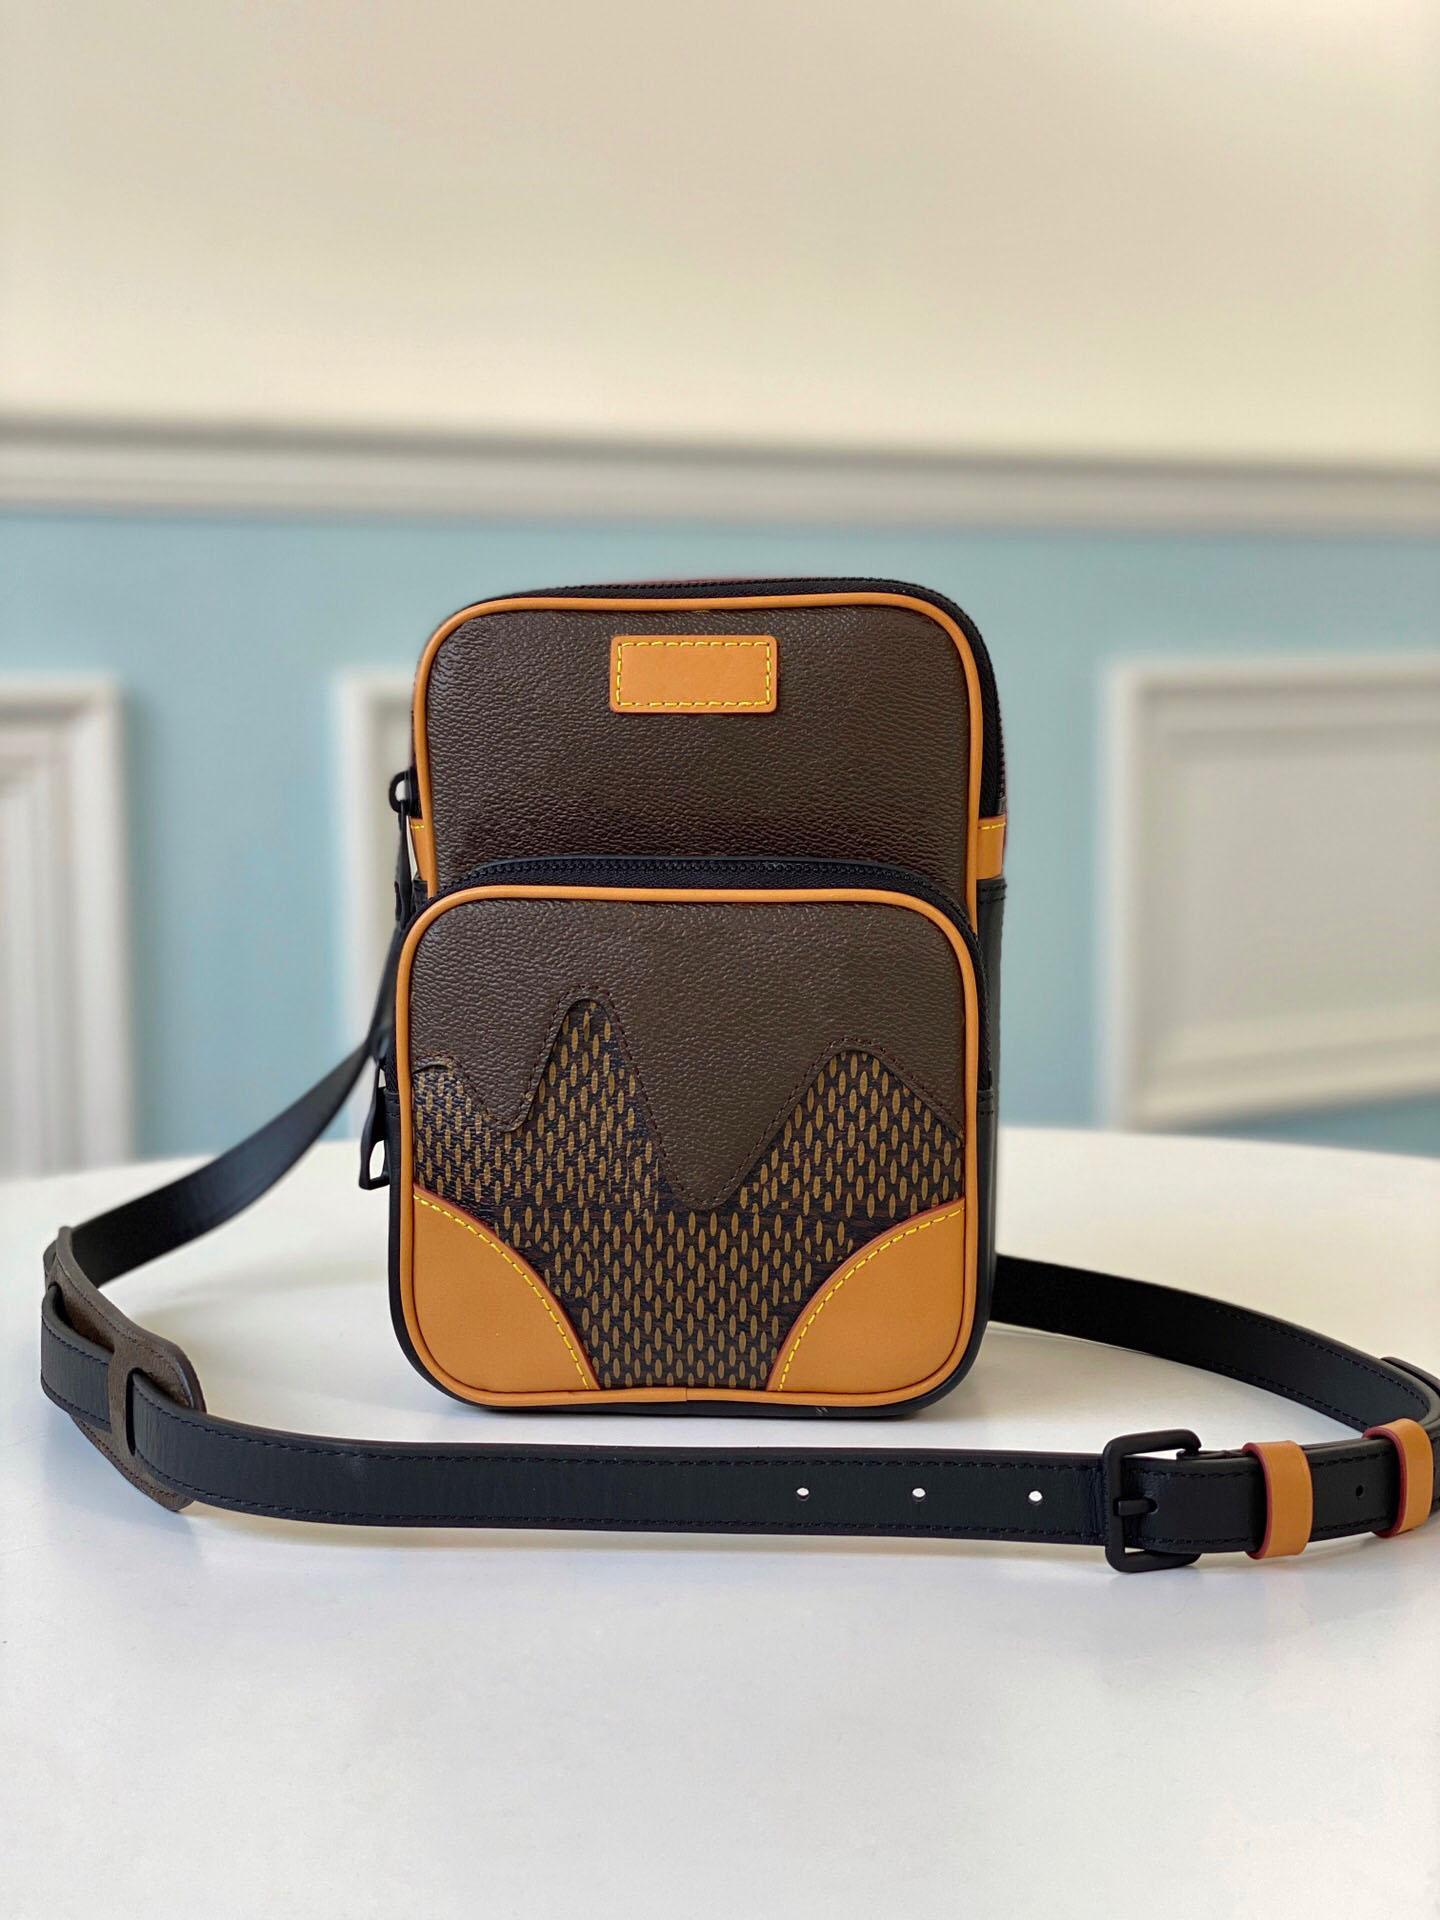 Moda Marrón Diseñadores Bolsas de lona Lujos de Lujos Bolsa de cinturón con Crossbody Mujeres Cuero 134 Cintura Amarillo Bolsa Cofre con bolsas de caja MXECF